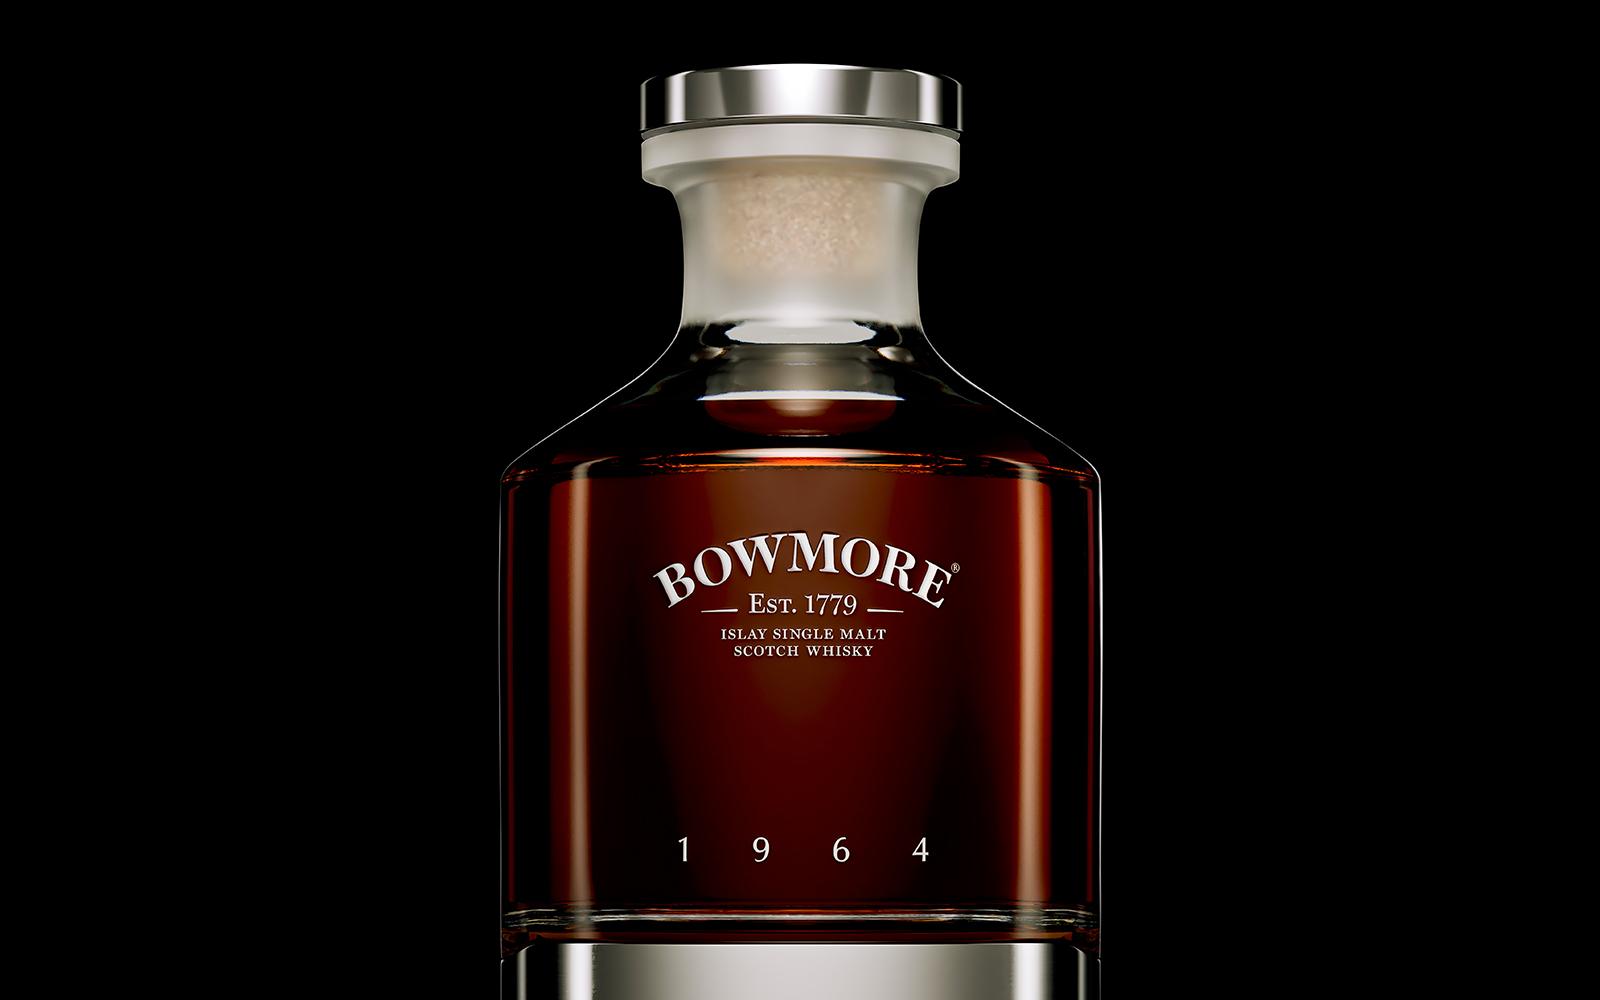 Aston-Bowmore-Crop-02